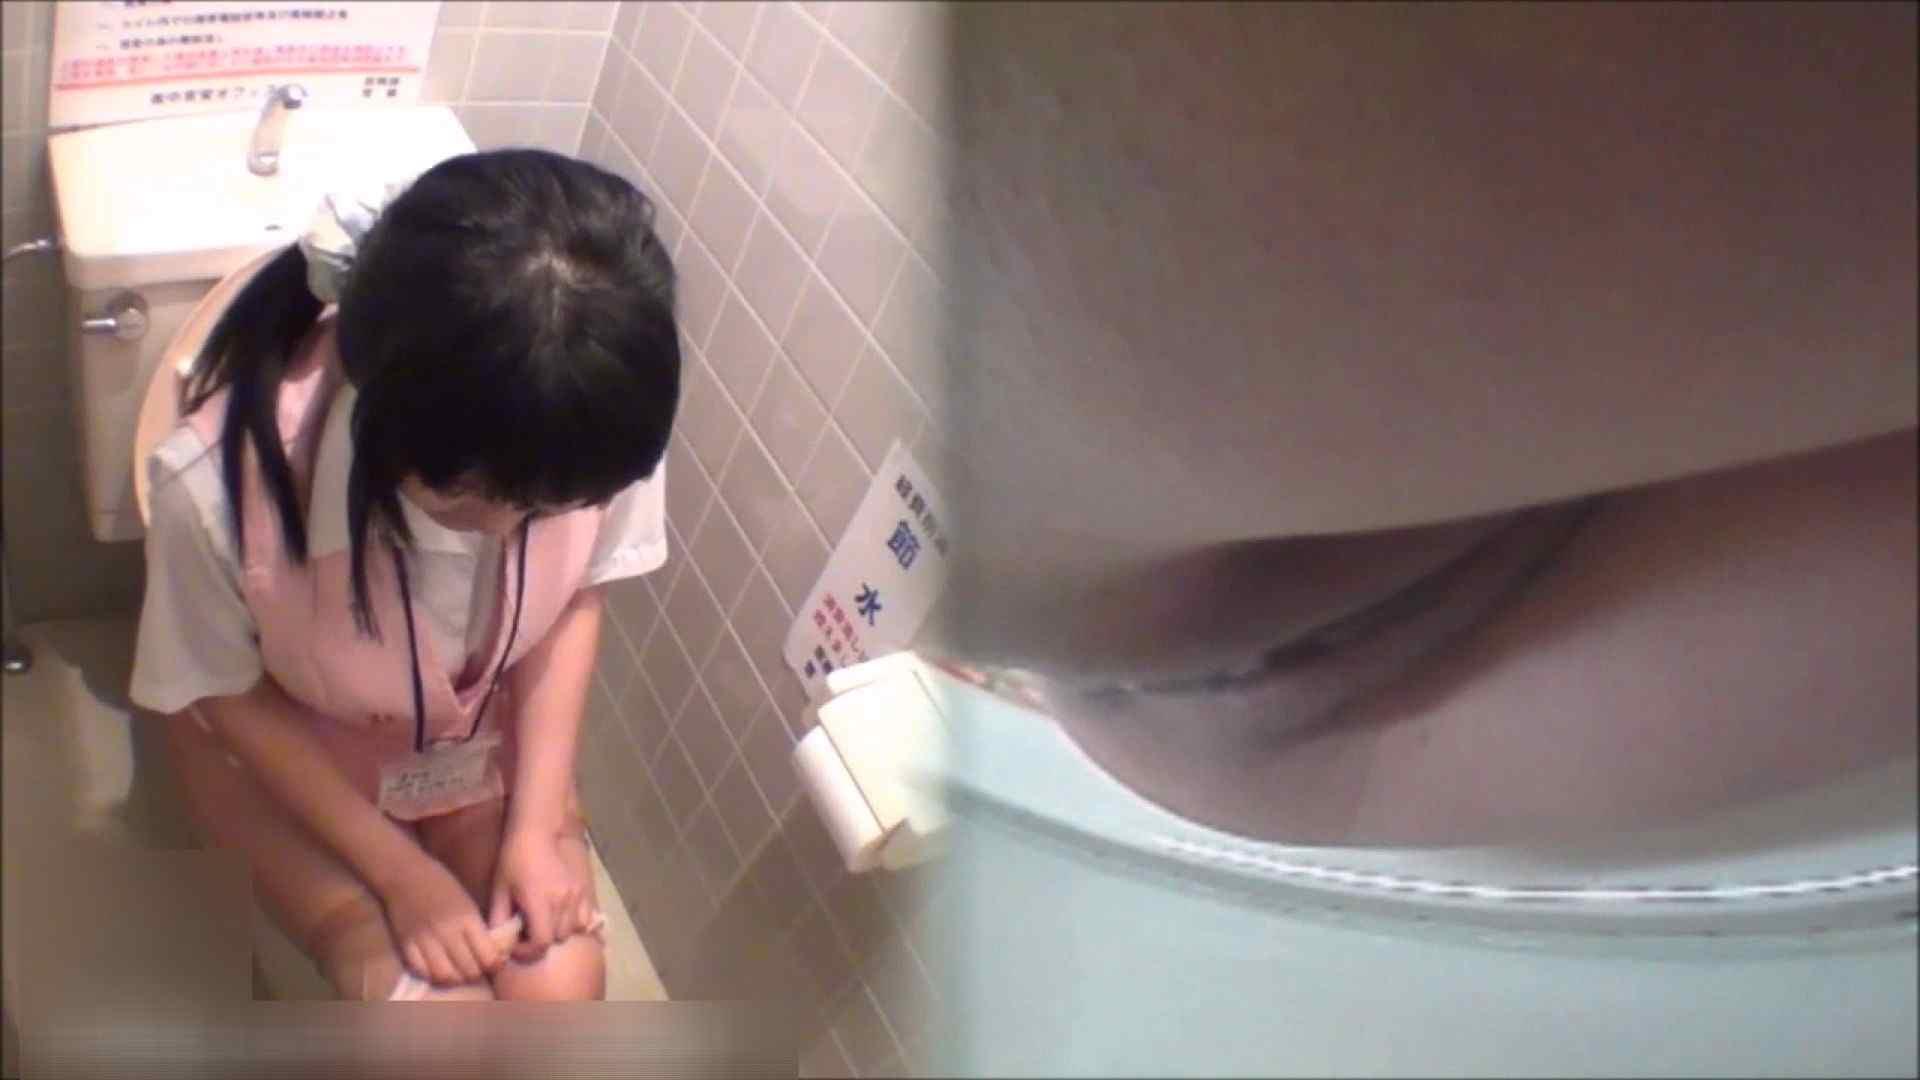 洗面所盗撮~隣の美人お姉さんVol.25 エロティックなOL オマンコ無修正動画無料 94画像 32